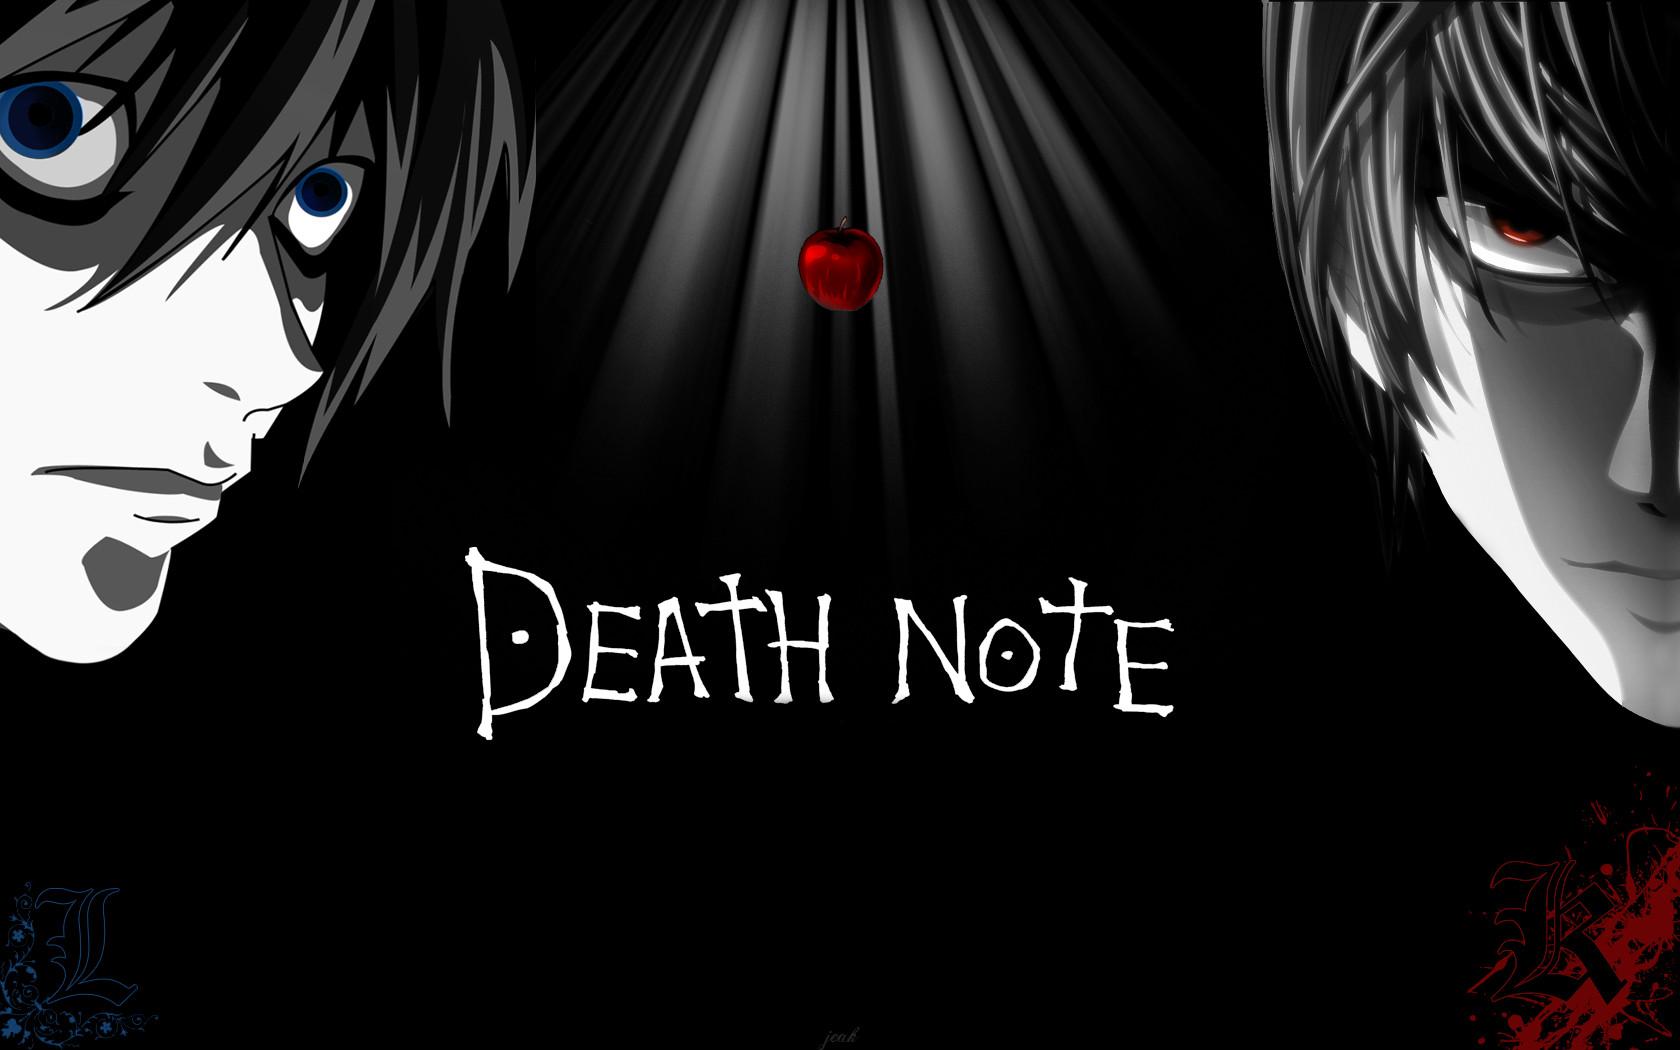 Death Note Title - Light Yagami & L Lawliet